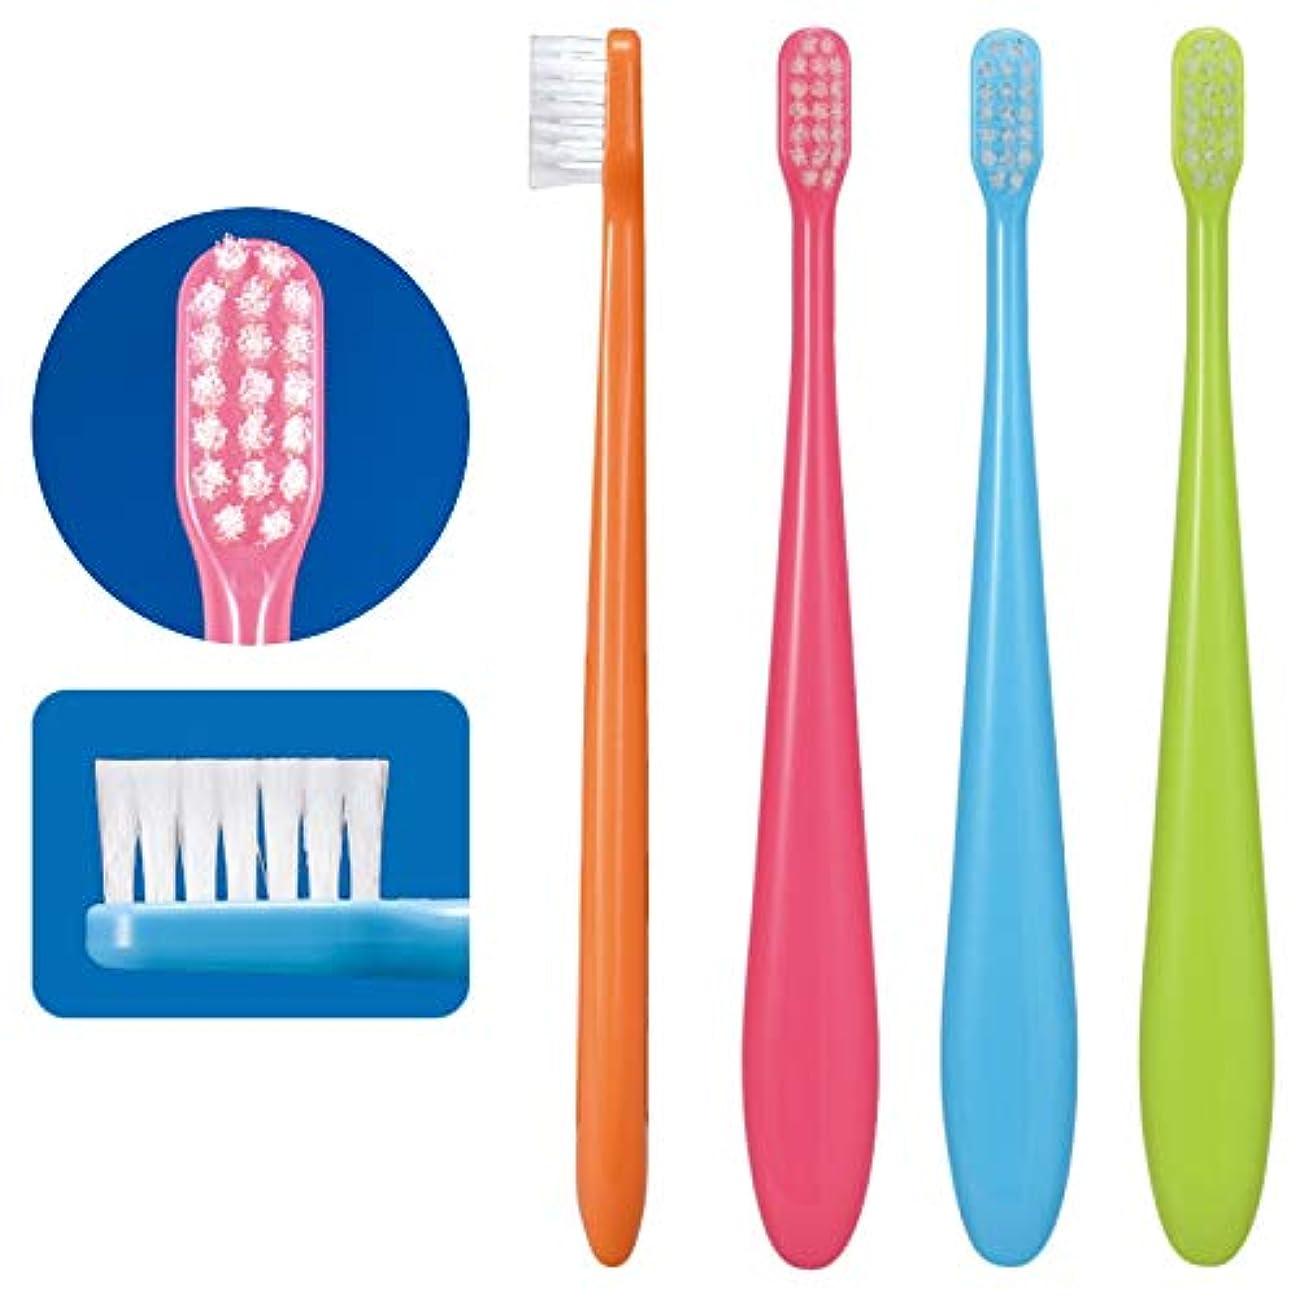 ご飯請負業者浜辺Ci ミニ歯ブラシ ミディミルキー 20本 M(ふつう) 歯科専売品 日本製